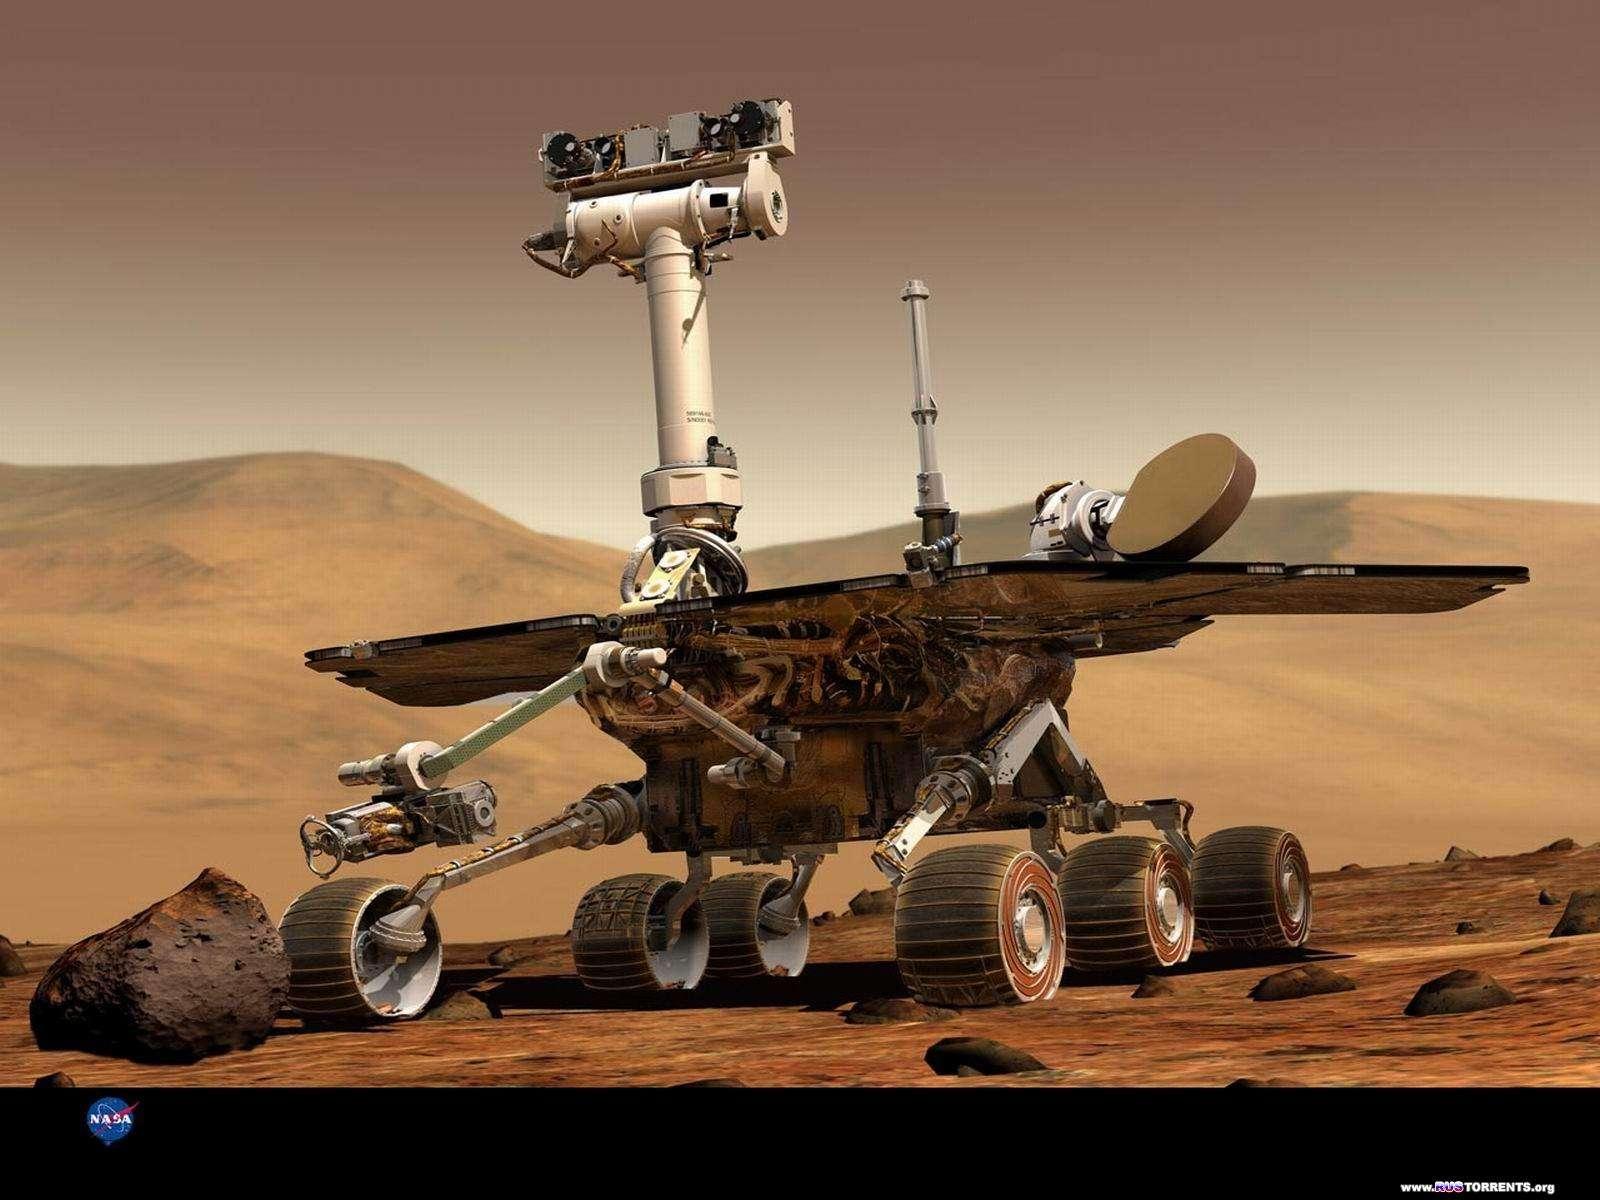 Обои для рабочего стола - NASA совместно с National Geographic